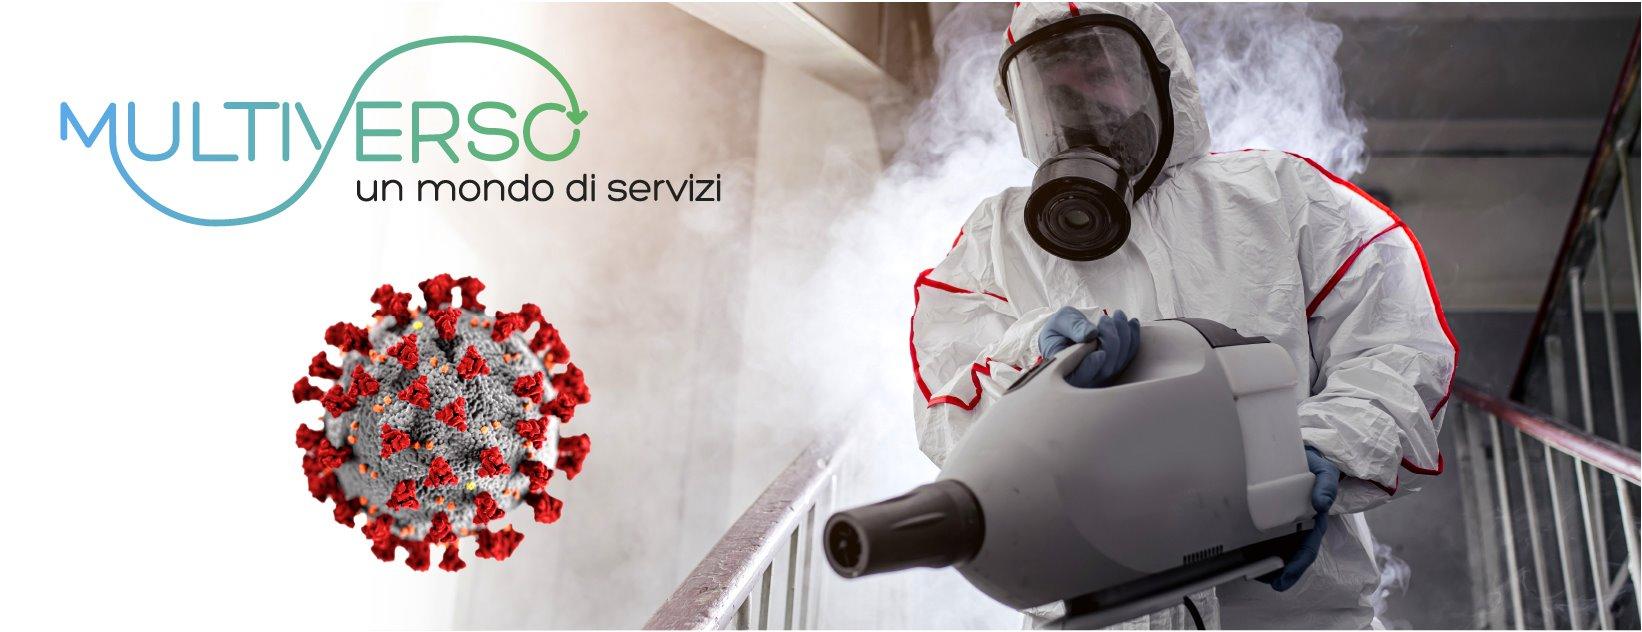 Sanificazione Disinfezione Ambienti Covid-19 a Rimini   UNSIC e MULTIVERSO: Sanificazione Ambienti, Disinfezione Completa, Trattamento Ozono, Nessun Effetto Residuale